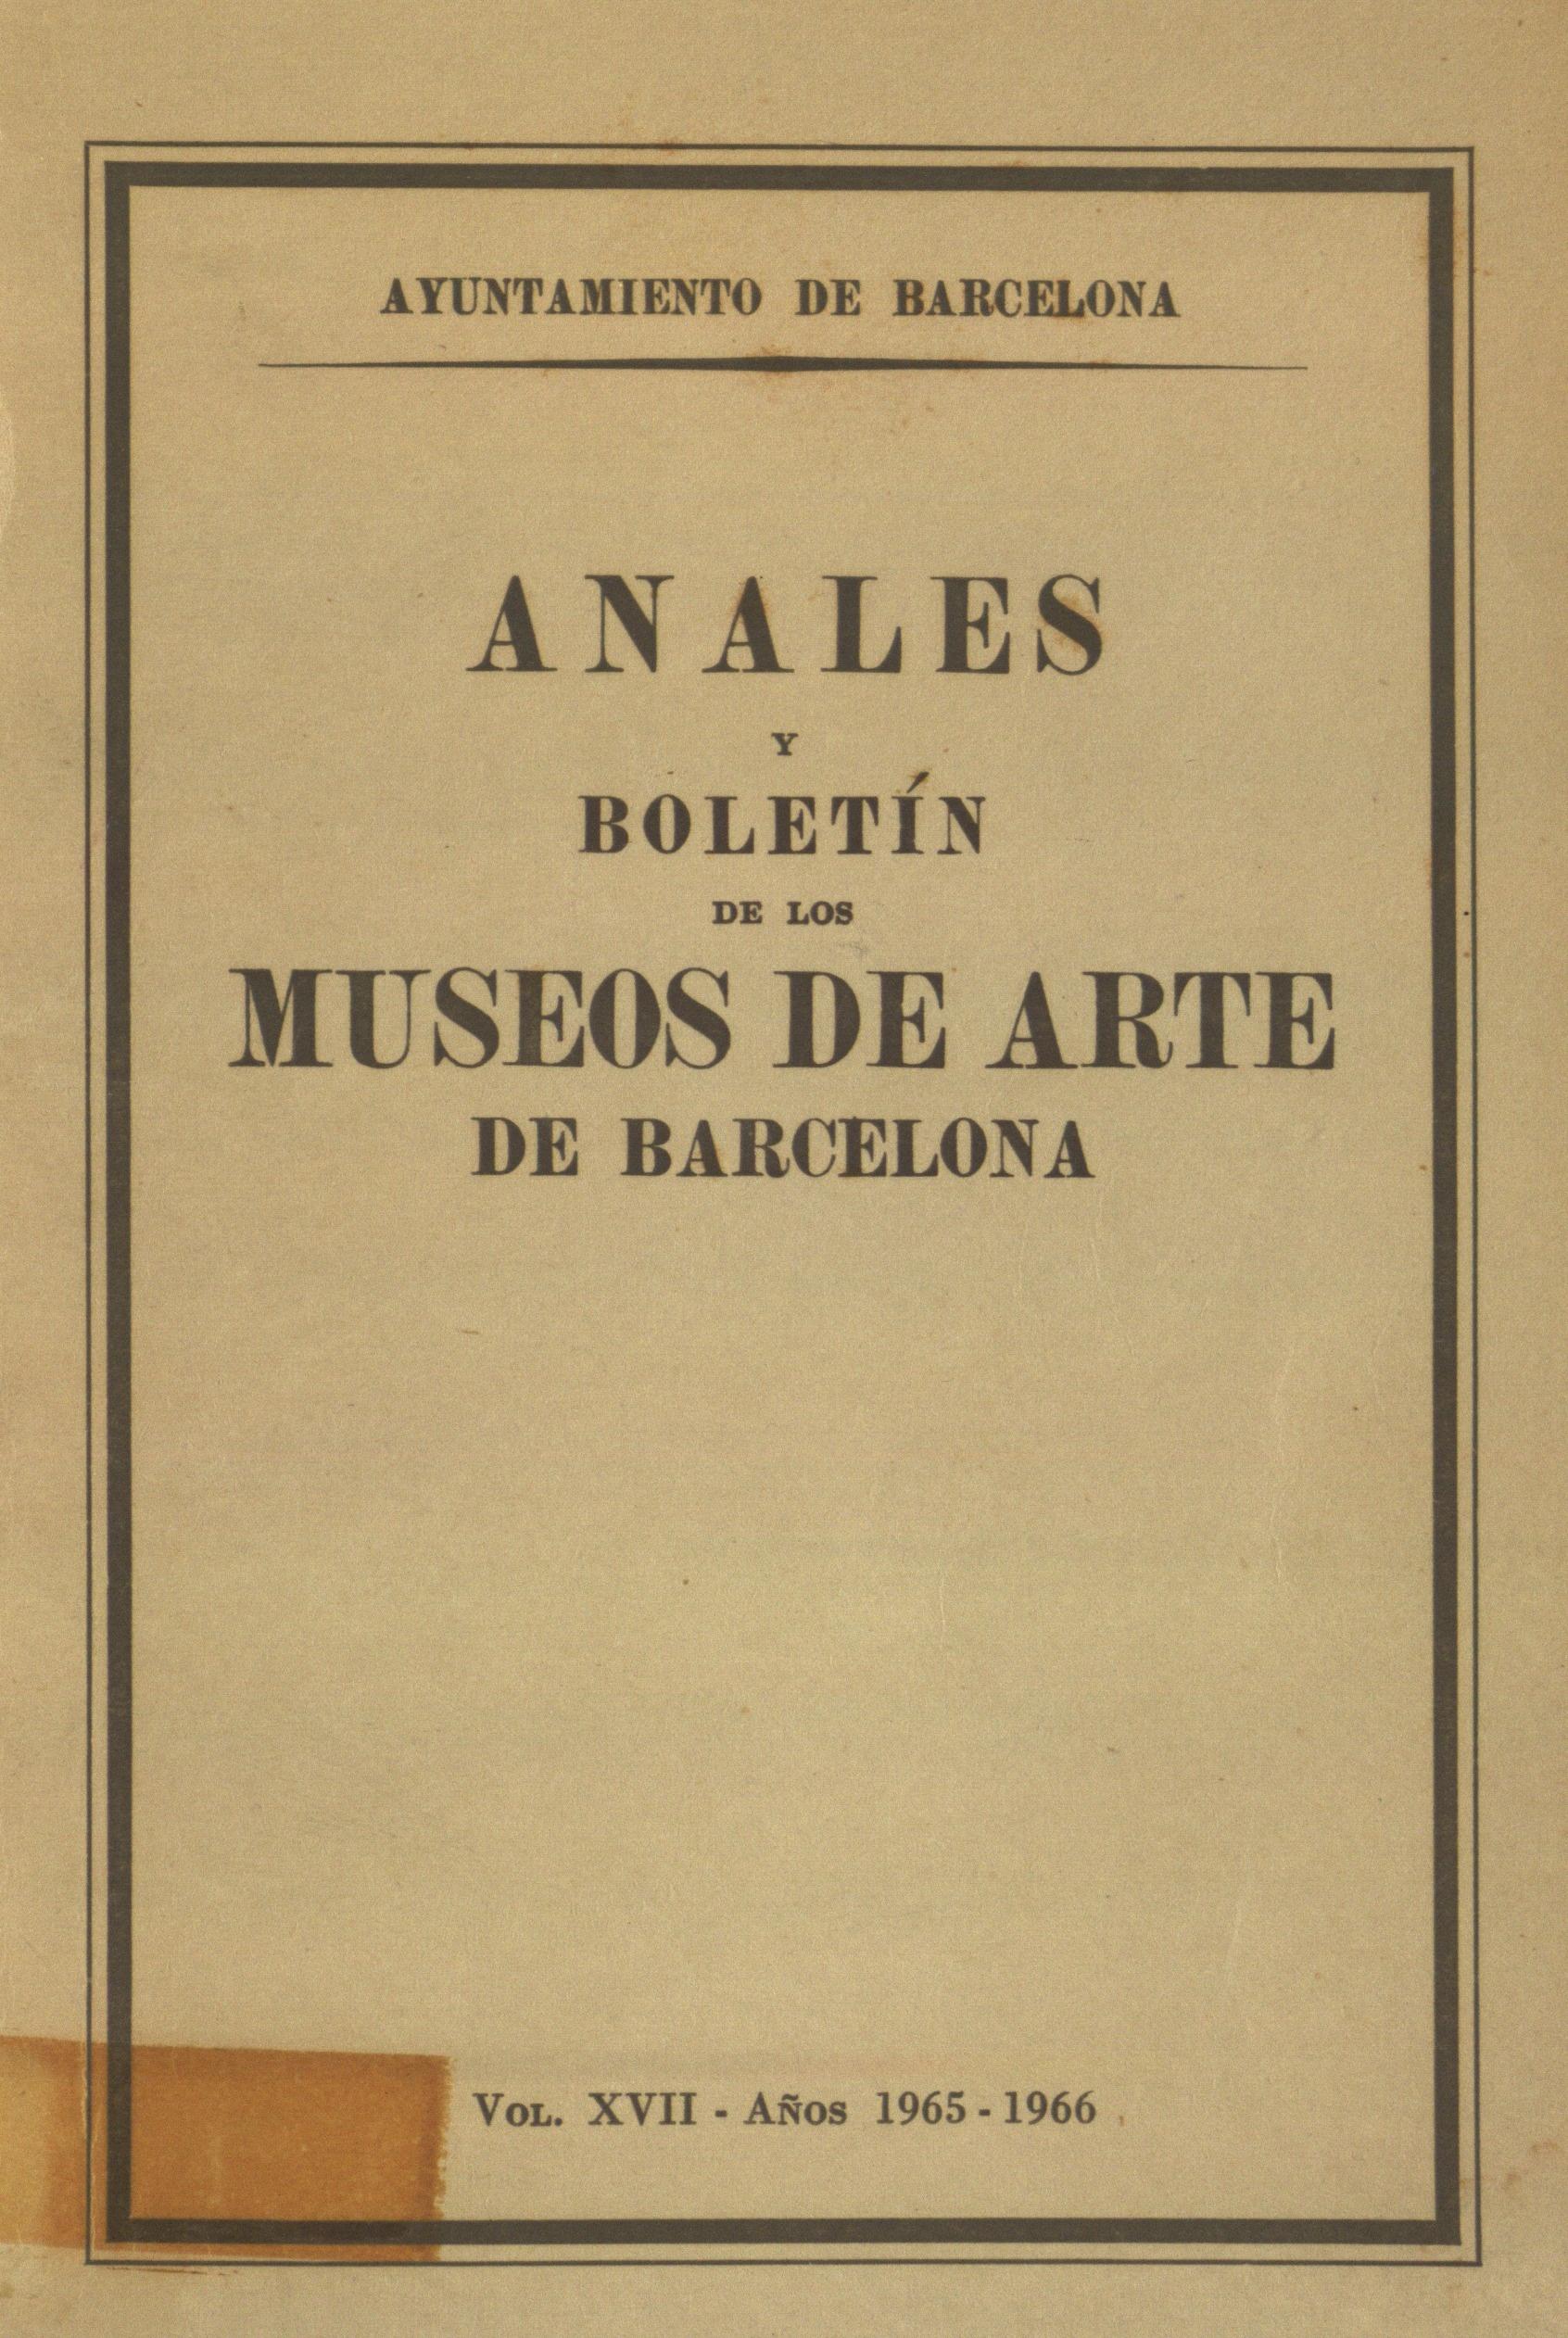 Vol. 17, 1965-1966, p. 55-79